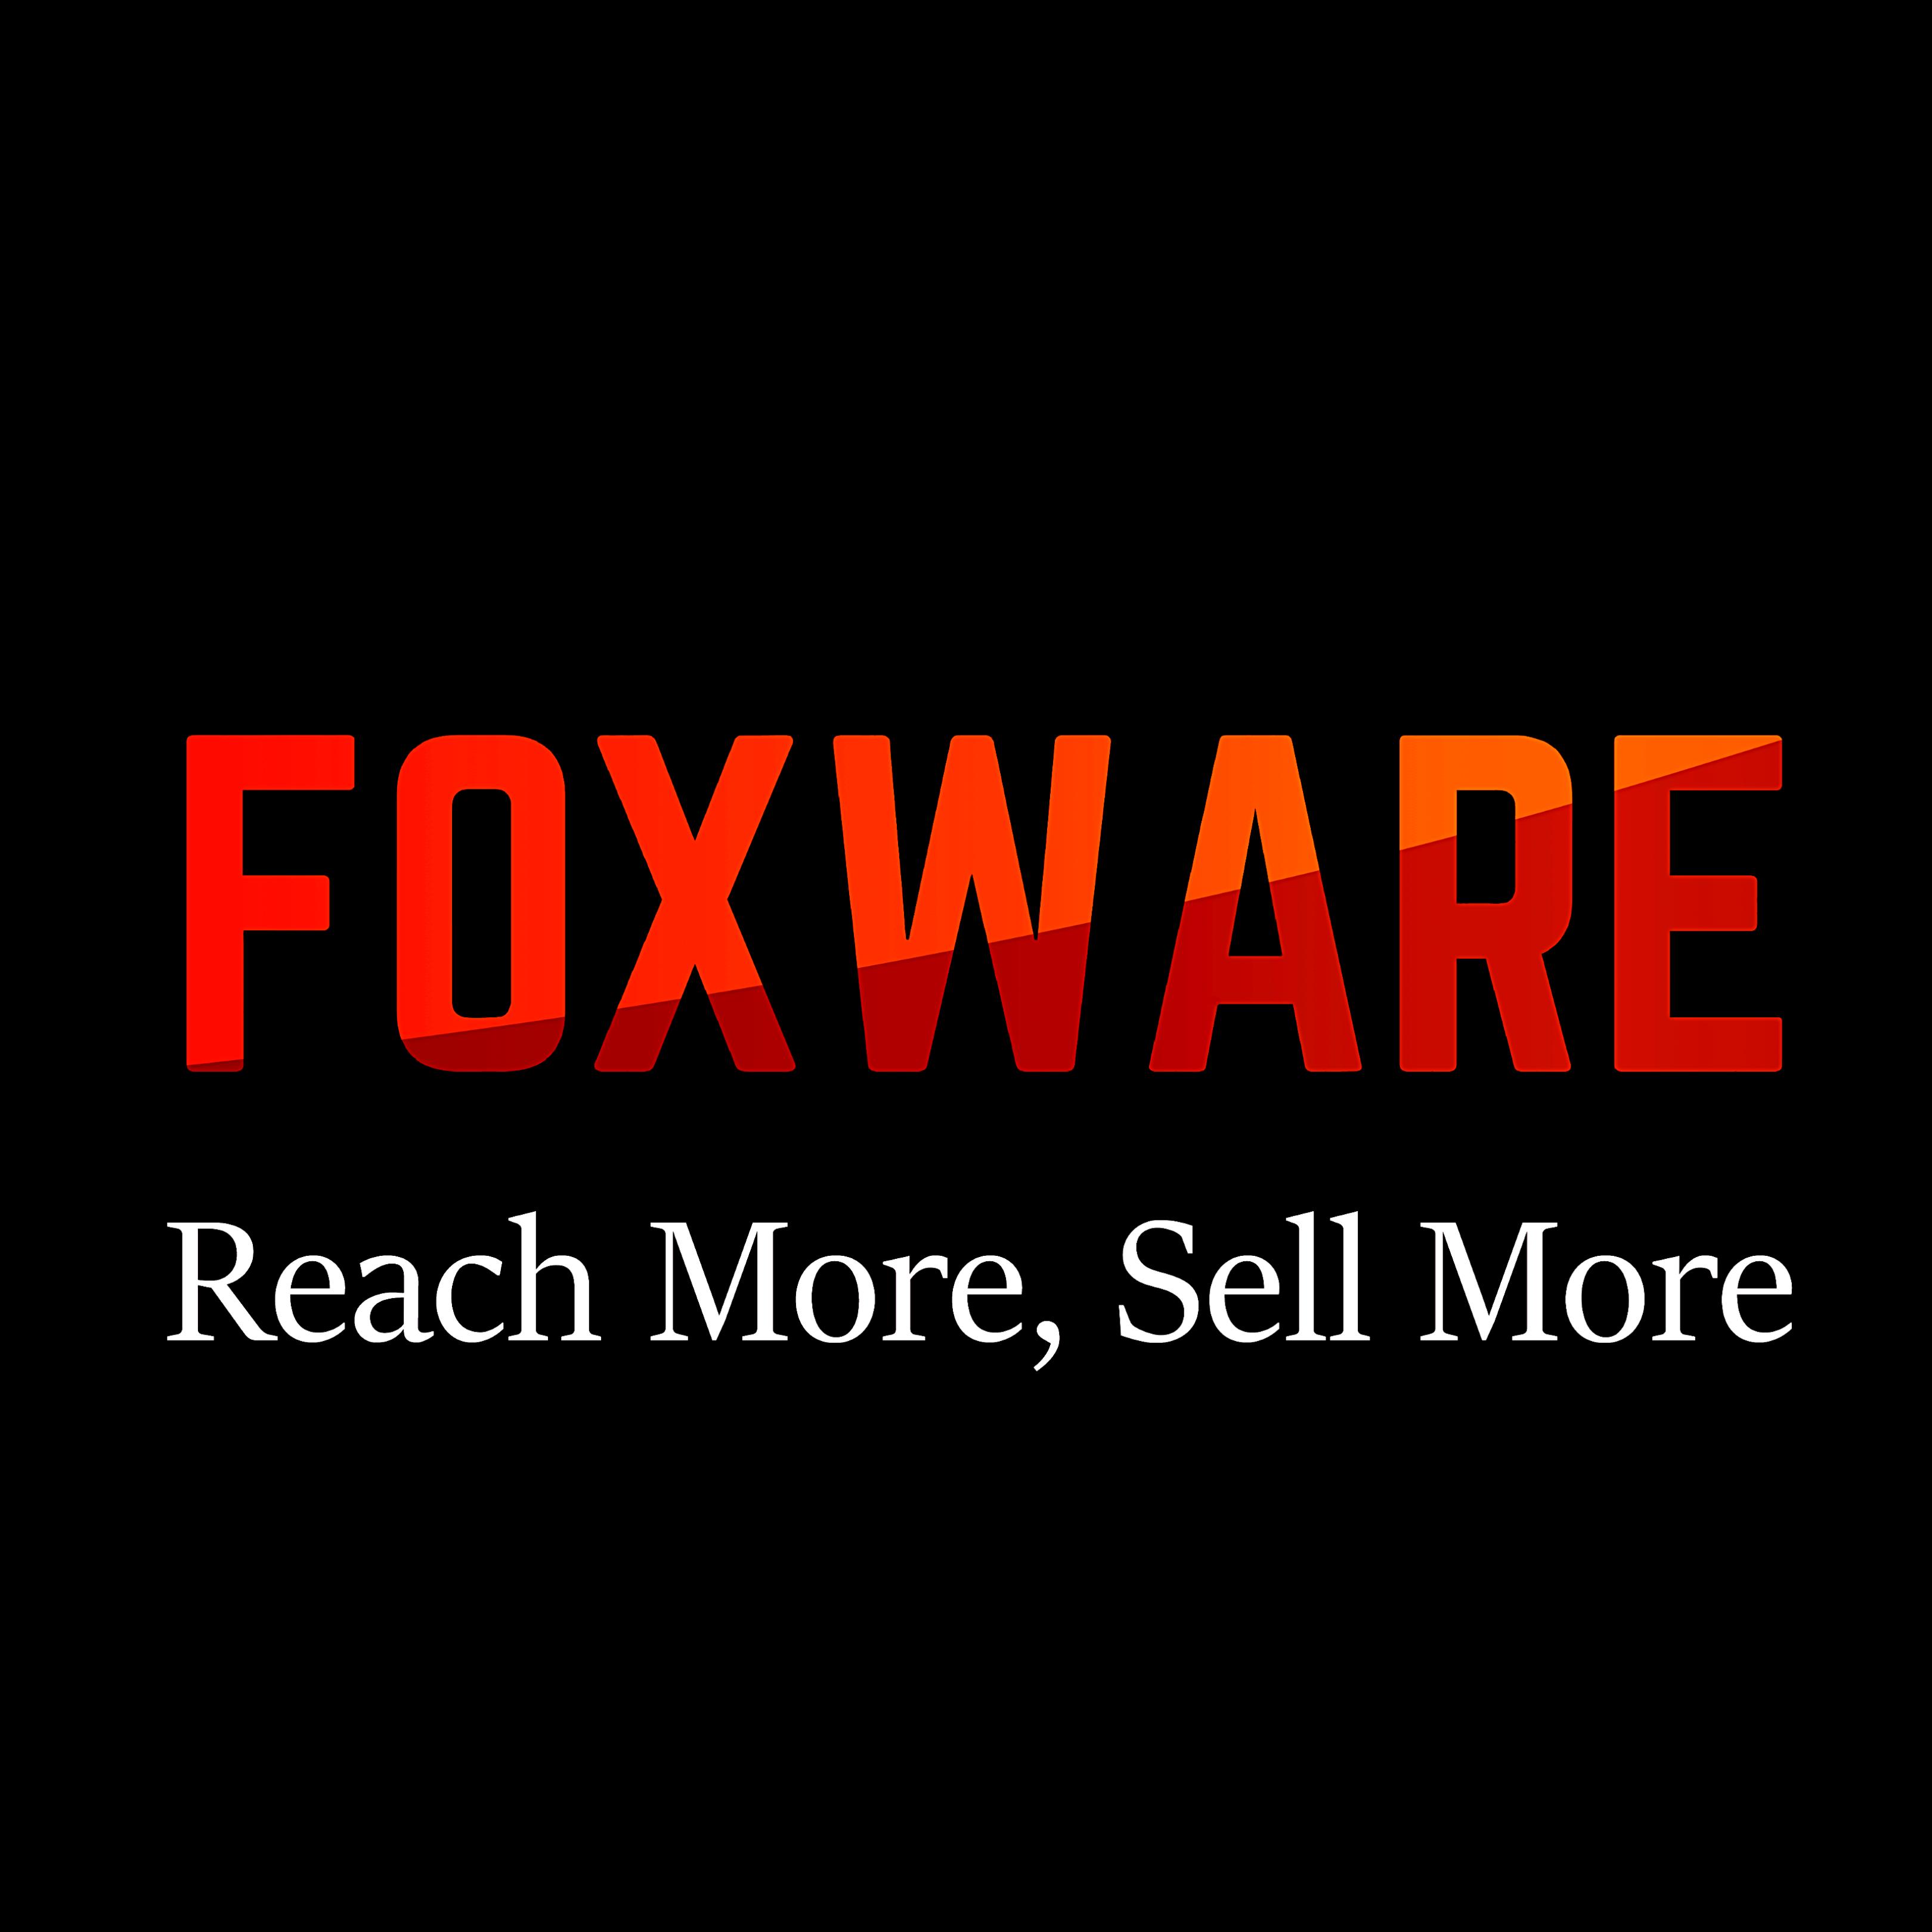 Foxware